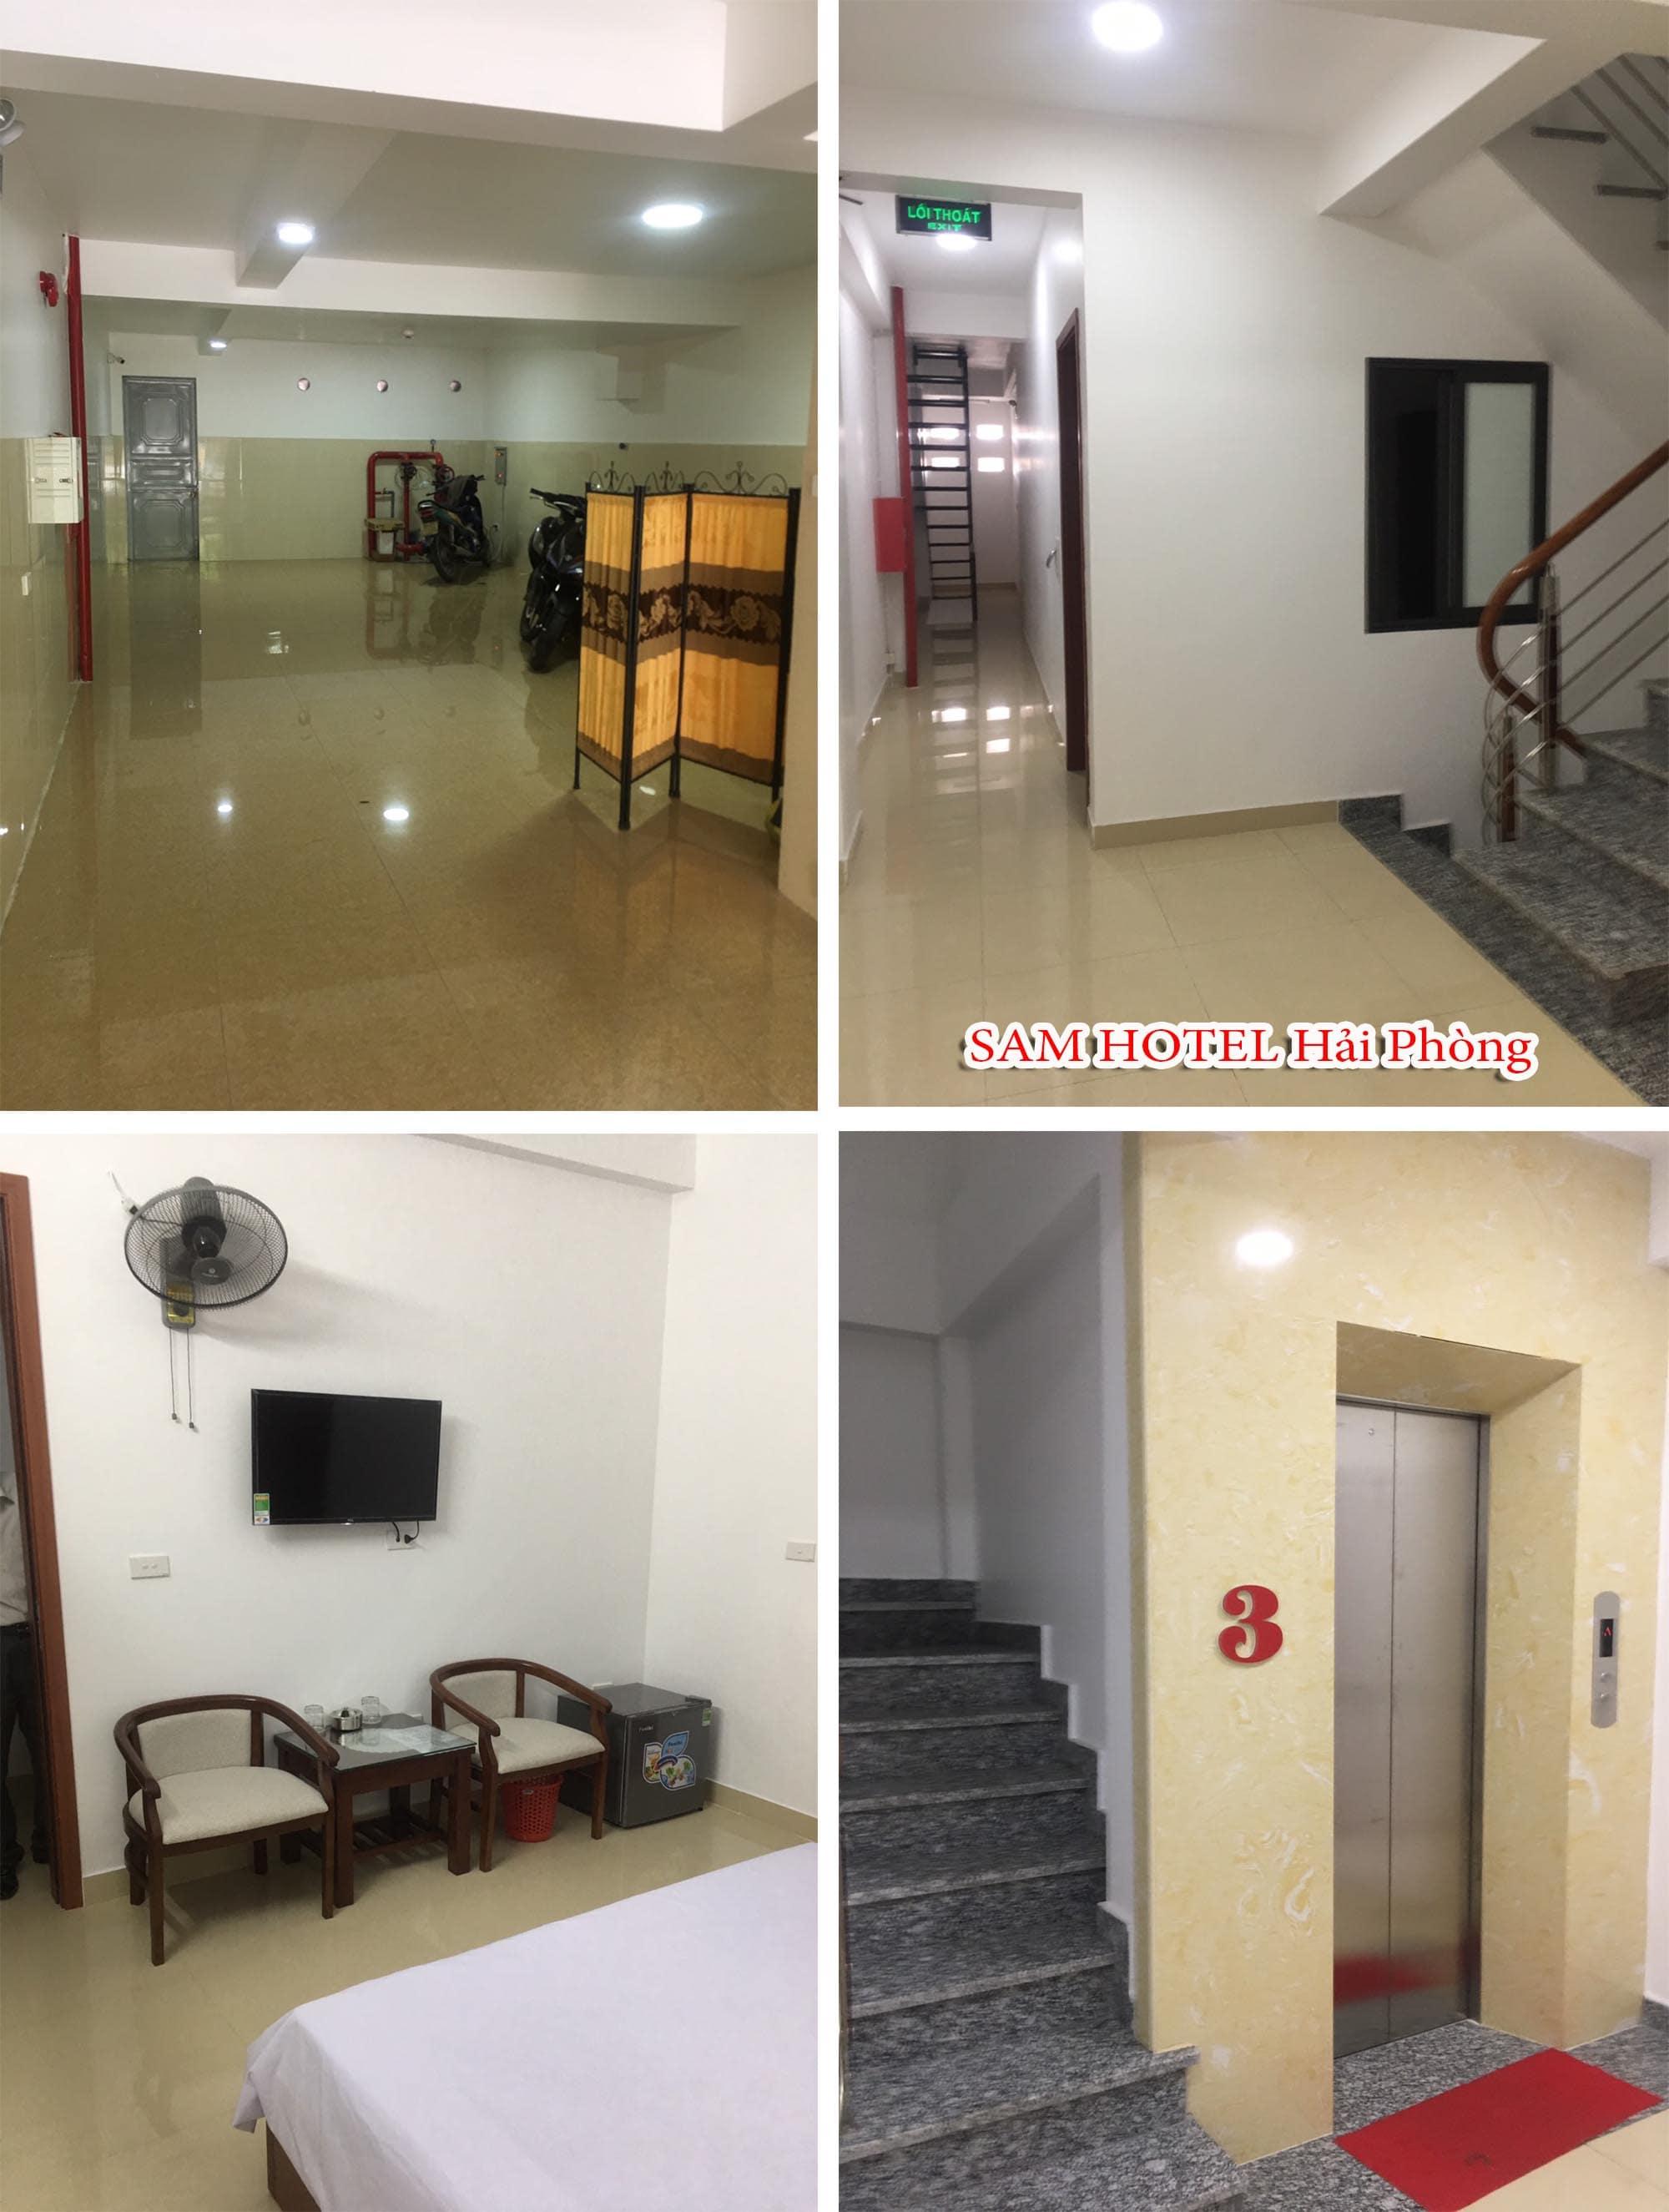 Hình ảnh thực tế khách sạn Sam Hotel Hải Phòng